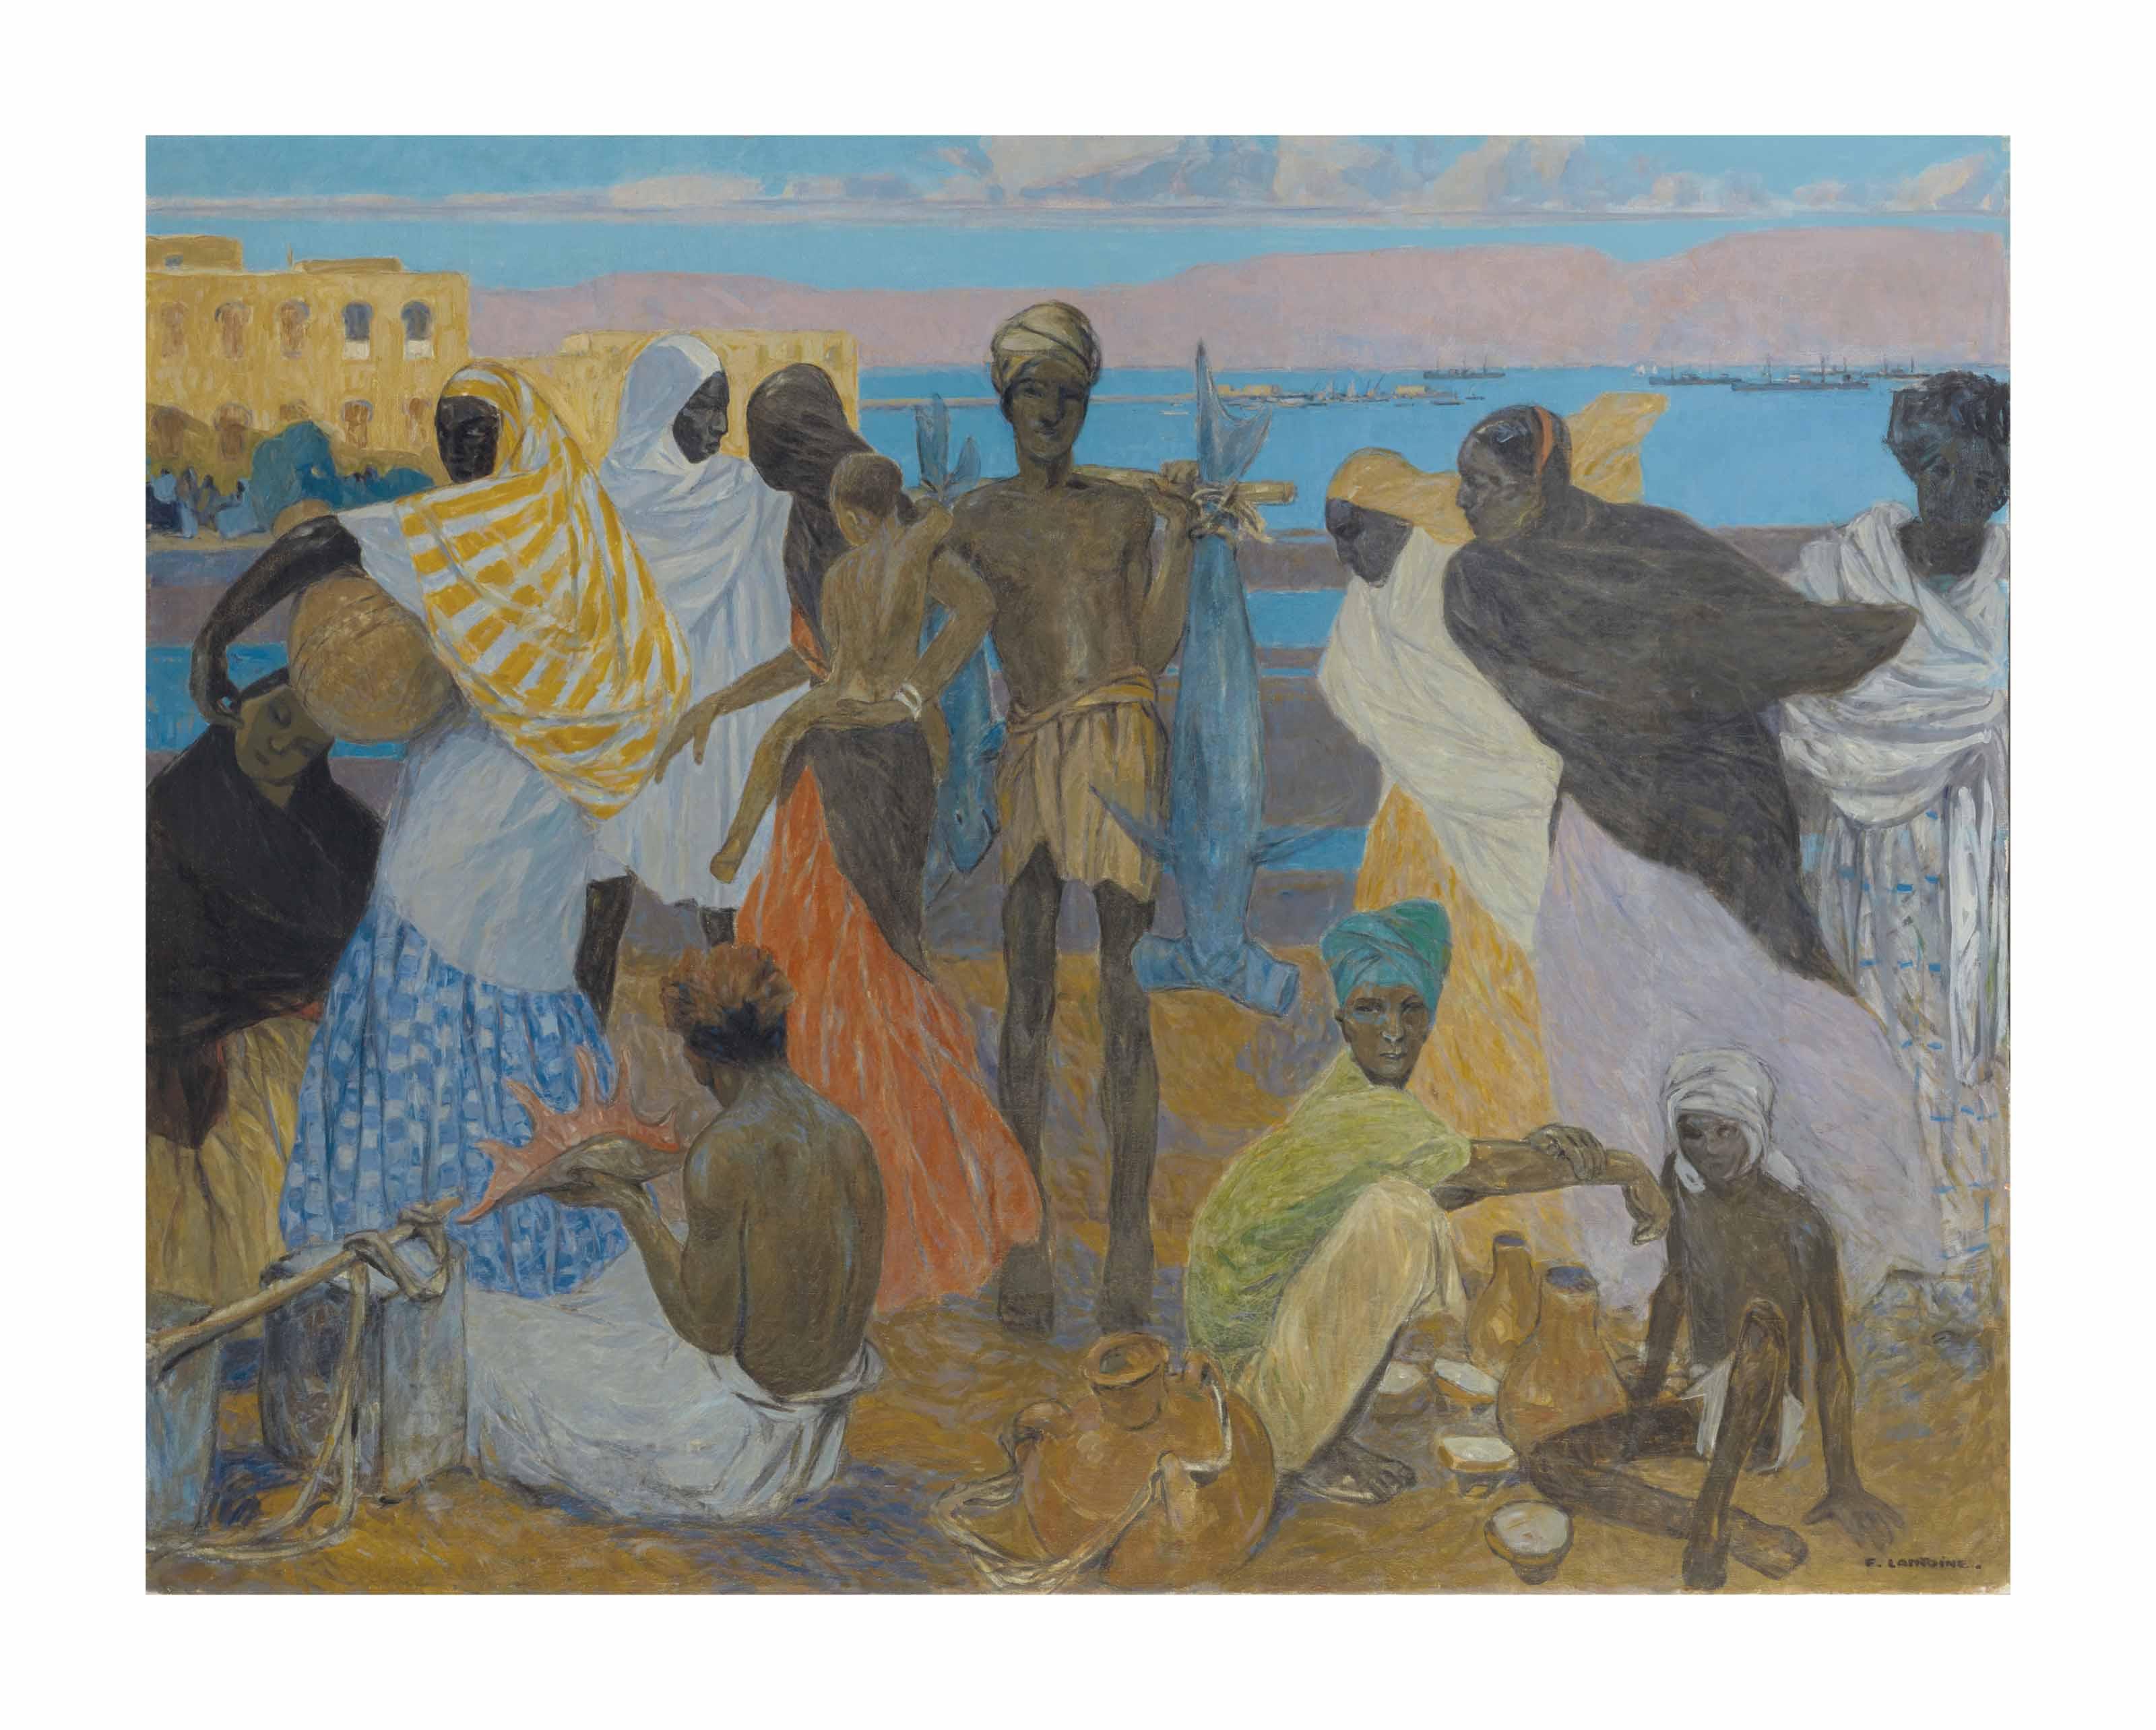 Le marché aux poissons à Djibouti